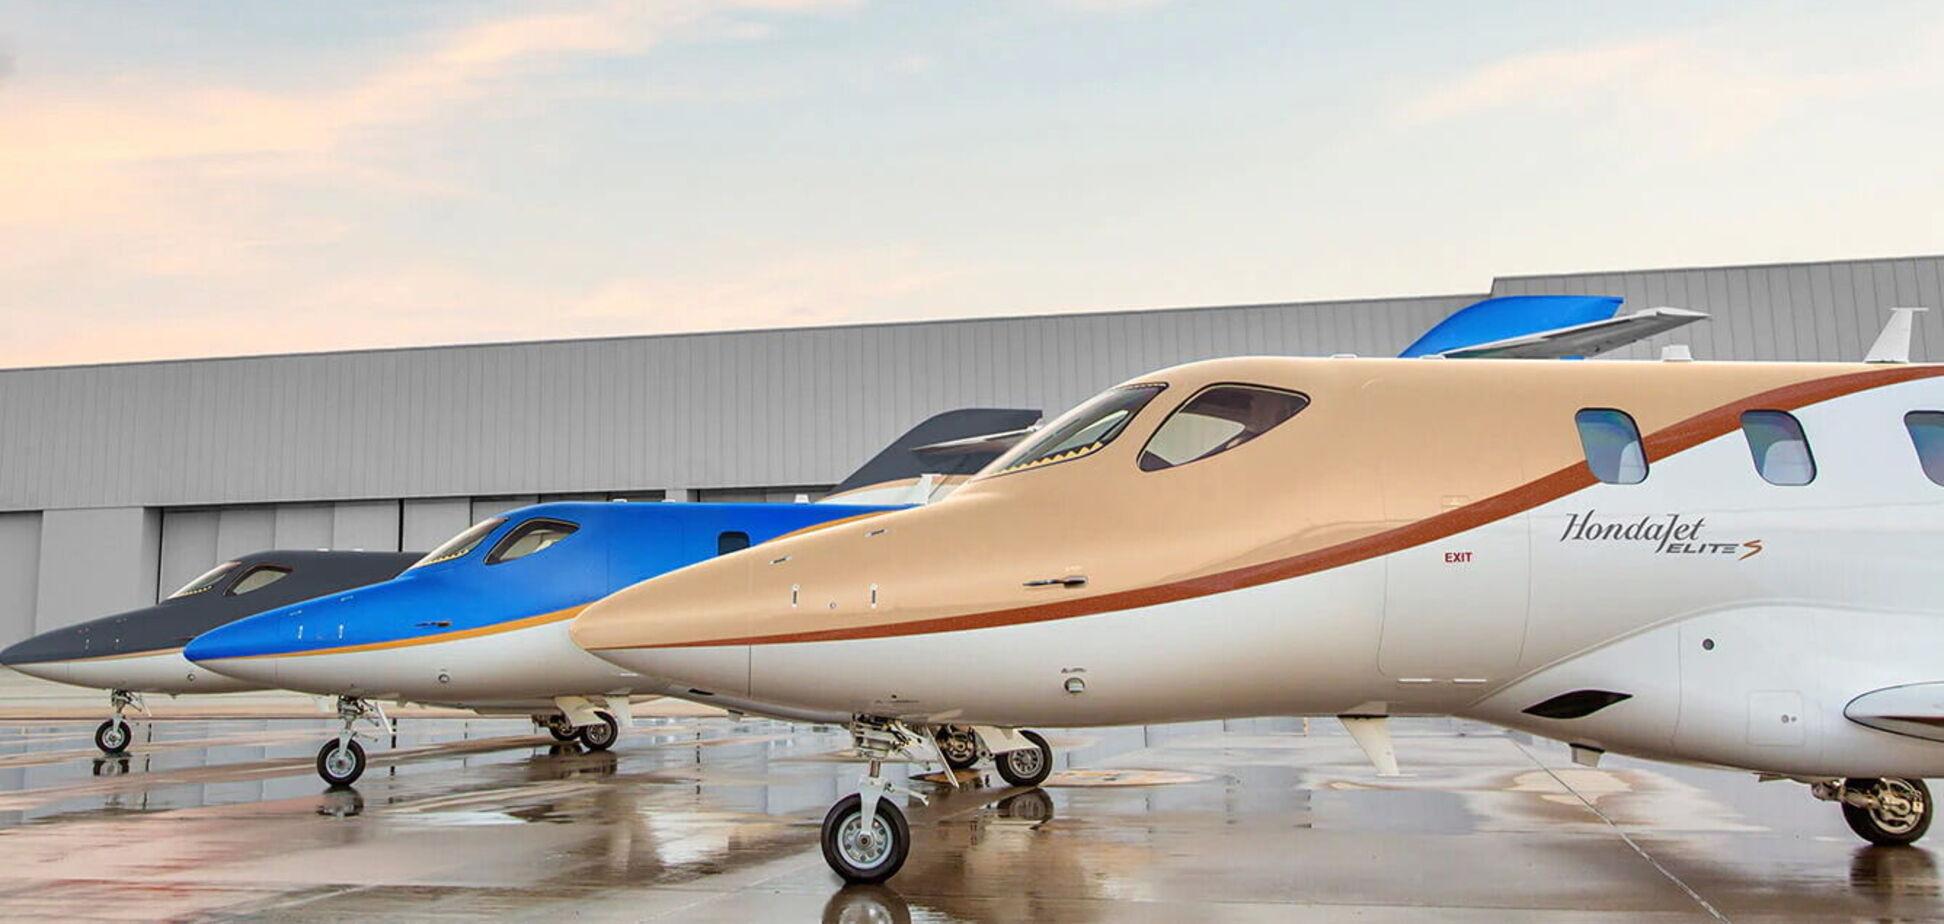 Honda презентовала новый реактивный самолет HondaJet